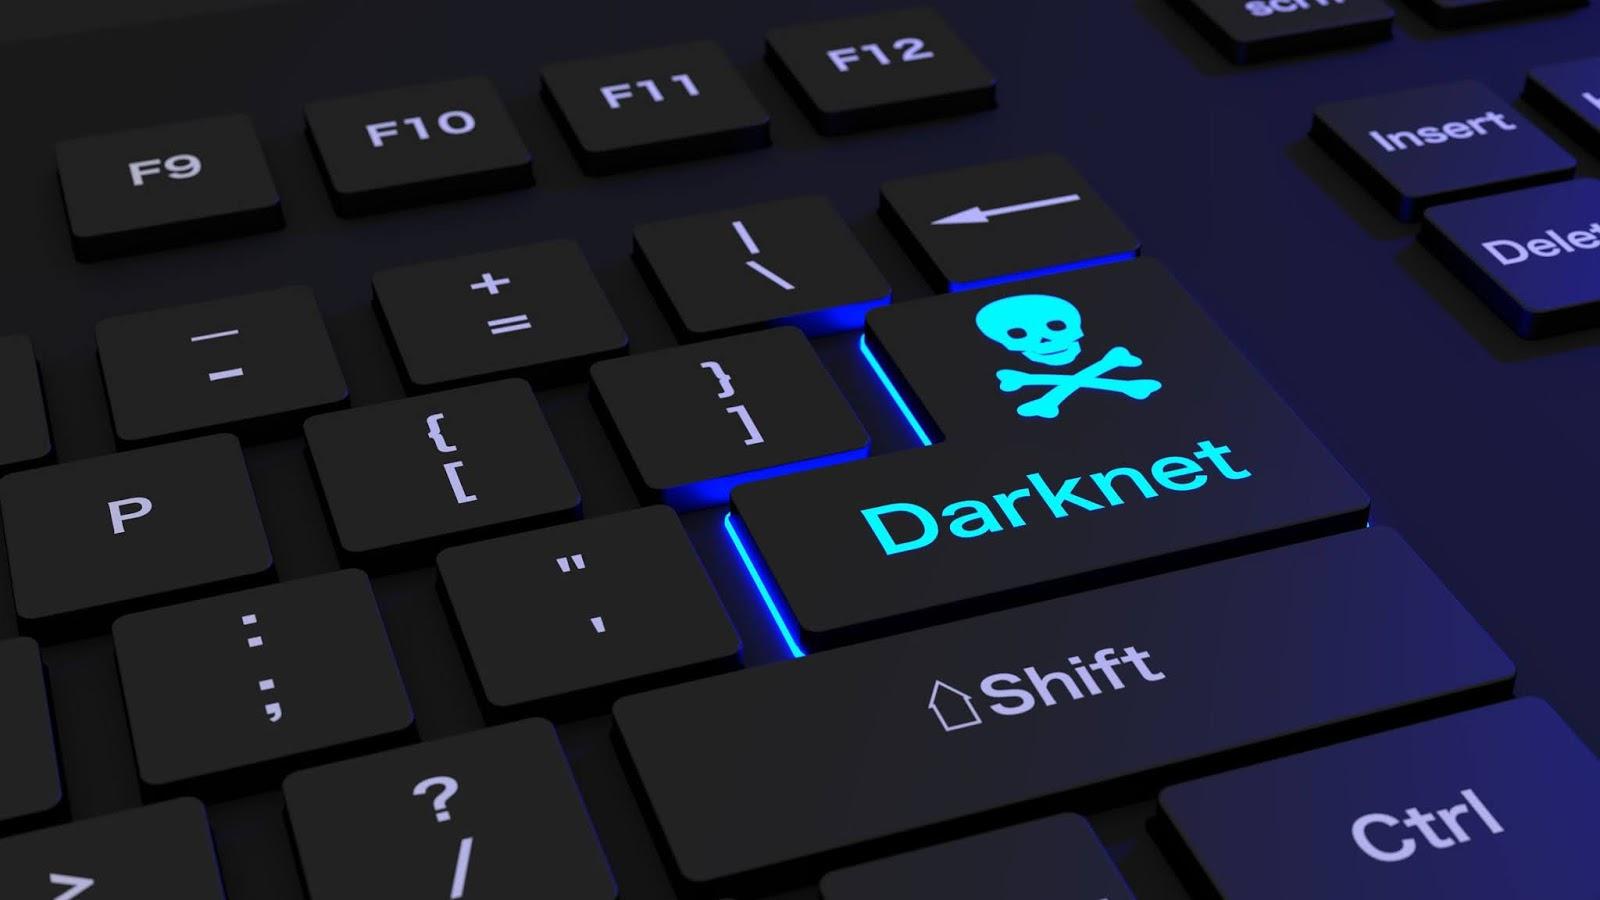 """Darknet: Τι είναι το """"σκοτεινό διαδίκτυο"""" - Πώς να προστατευτείτε"""